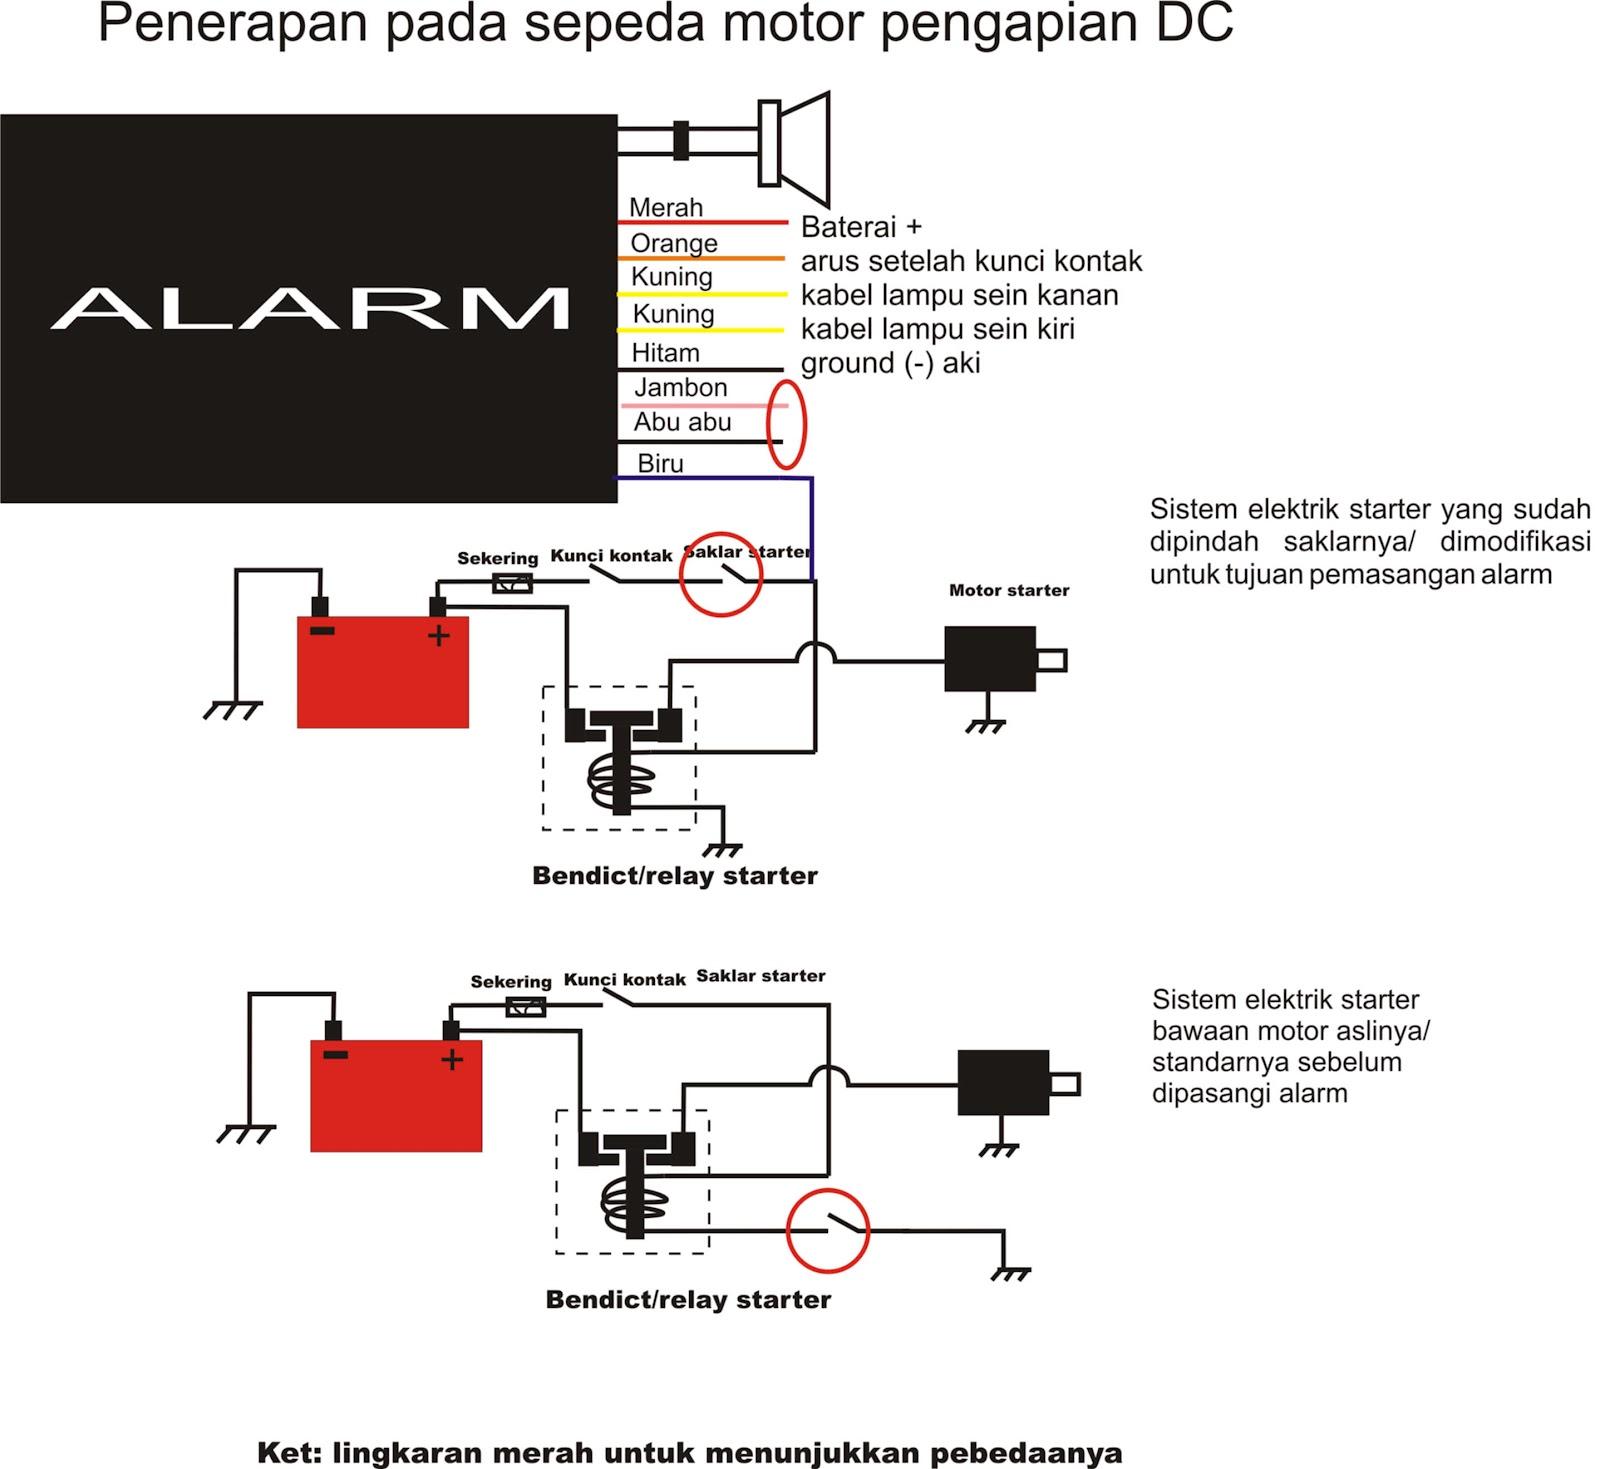 fuel pump wiring diagram for 1996 mustang wiring diagram sistem kelistrikan cara memasang alarm sepeda motor